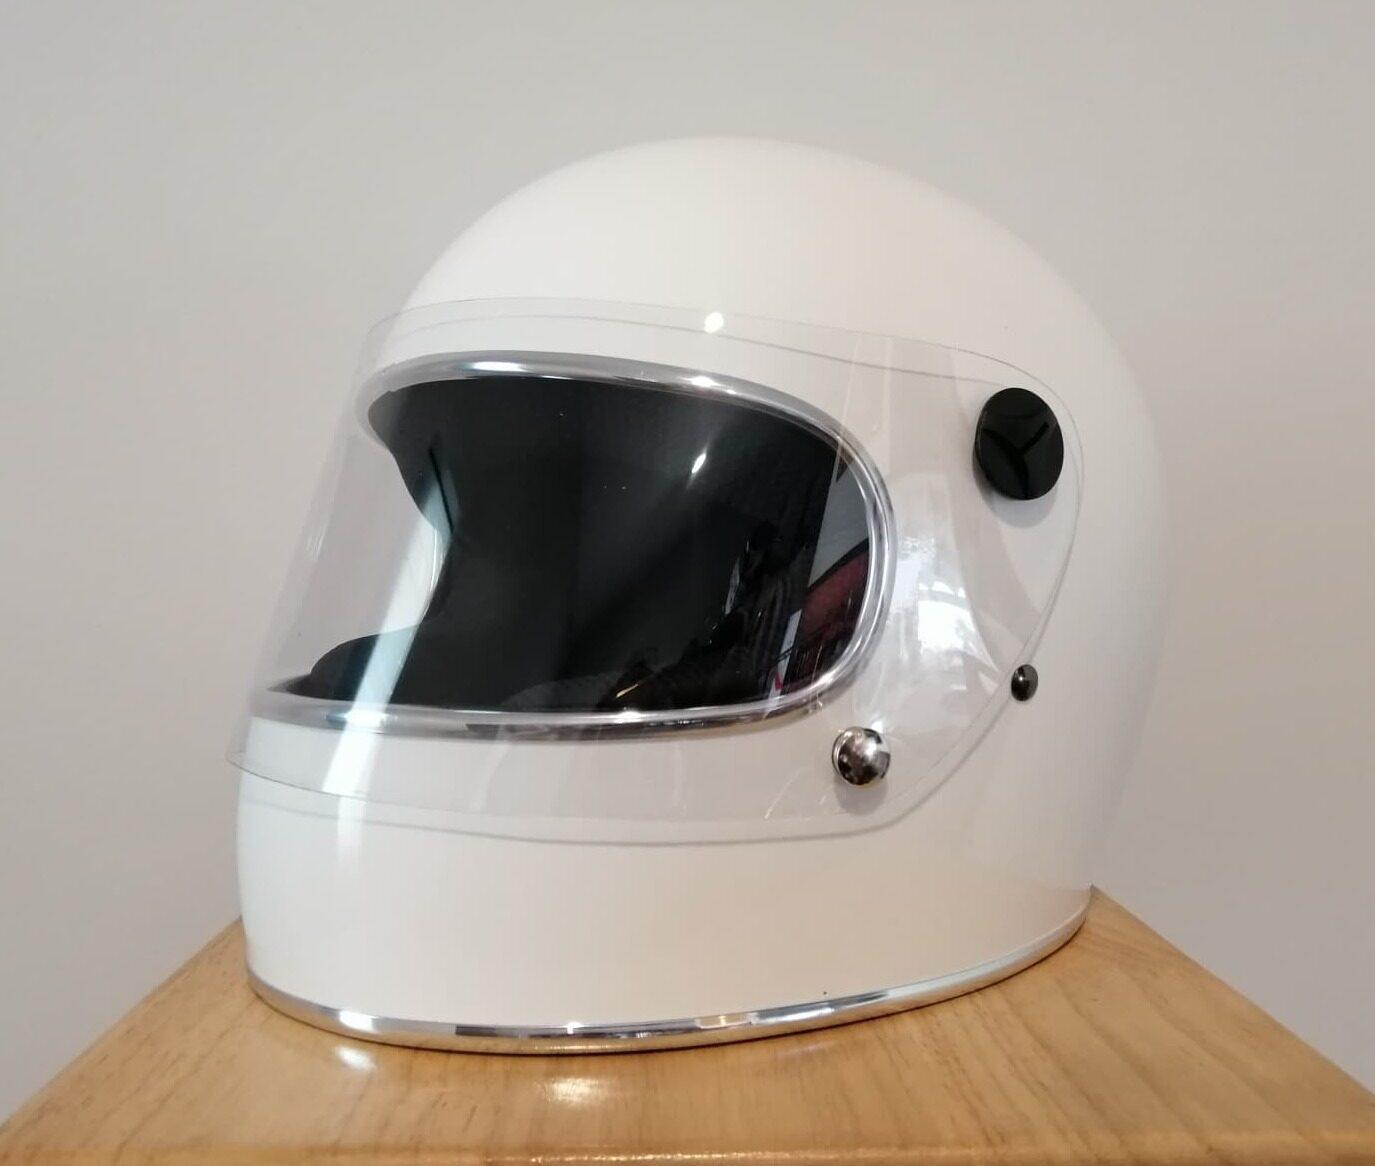 หมวกกันน็อกเต็มใบ Model Omd จอแคบ สีขาวคิ้วเงิน By Jtm Riders.